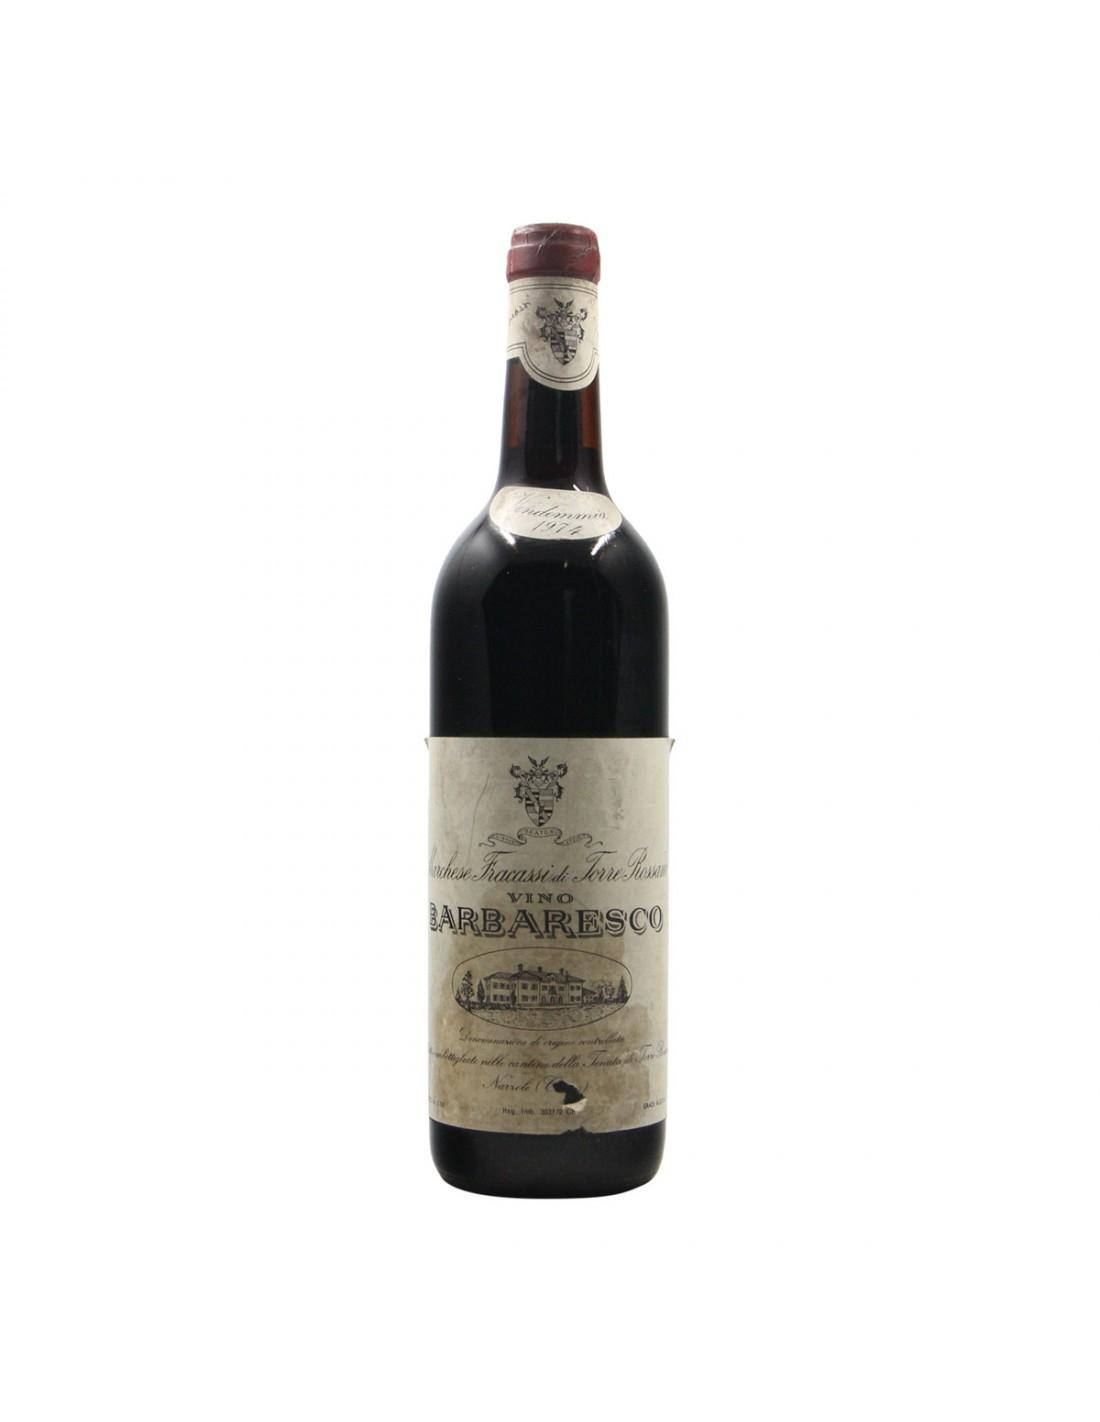 BARBARESCO 1974 FRACASSI Grandi Bottiglie